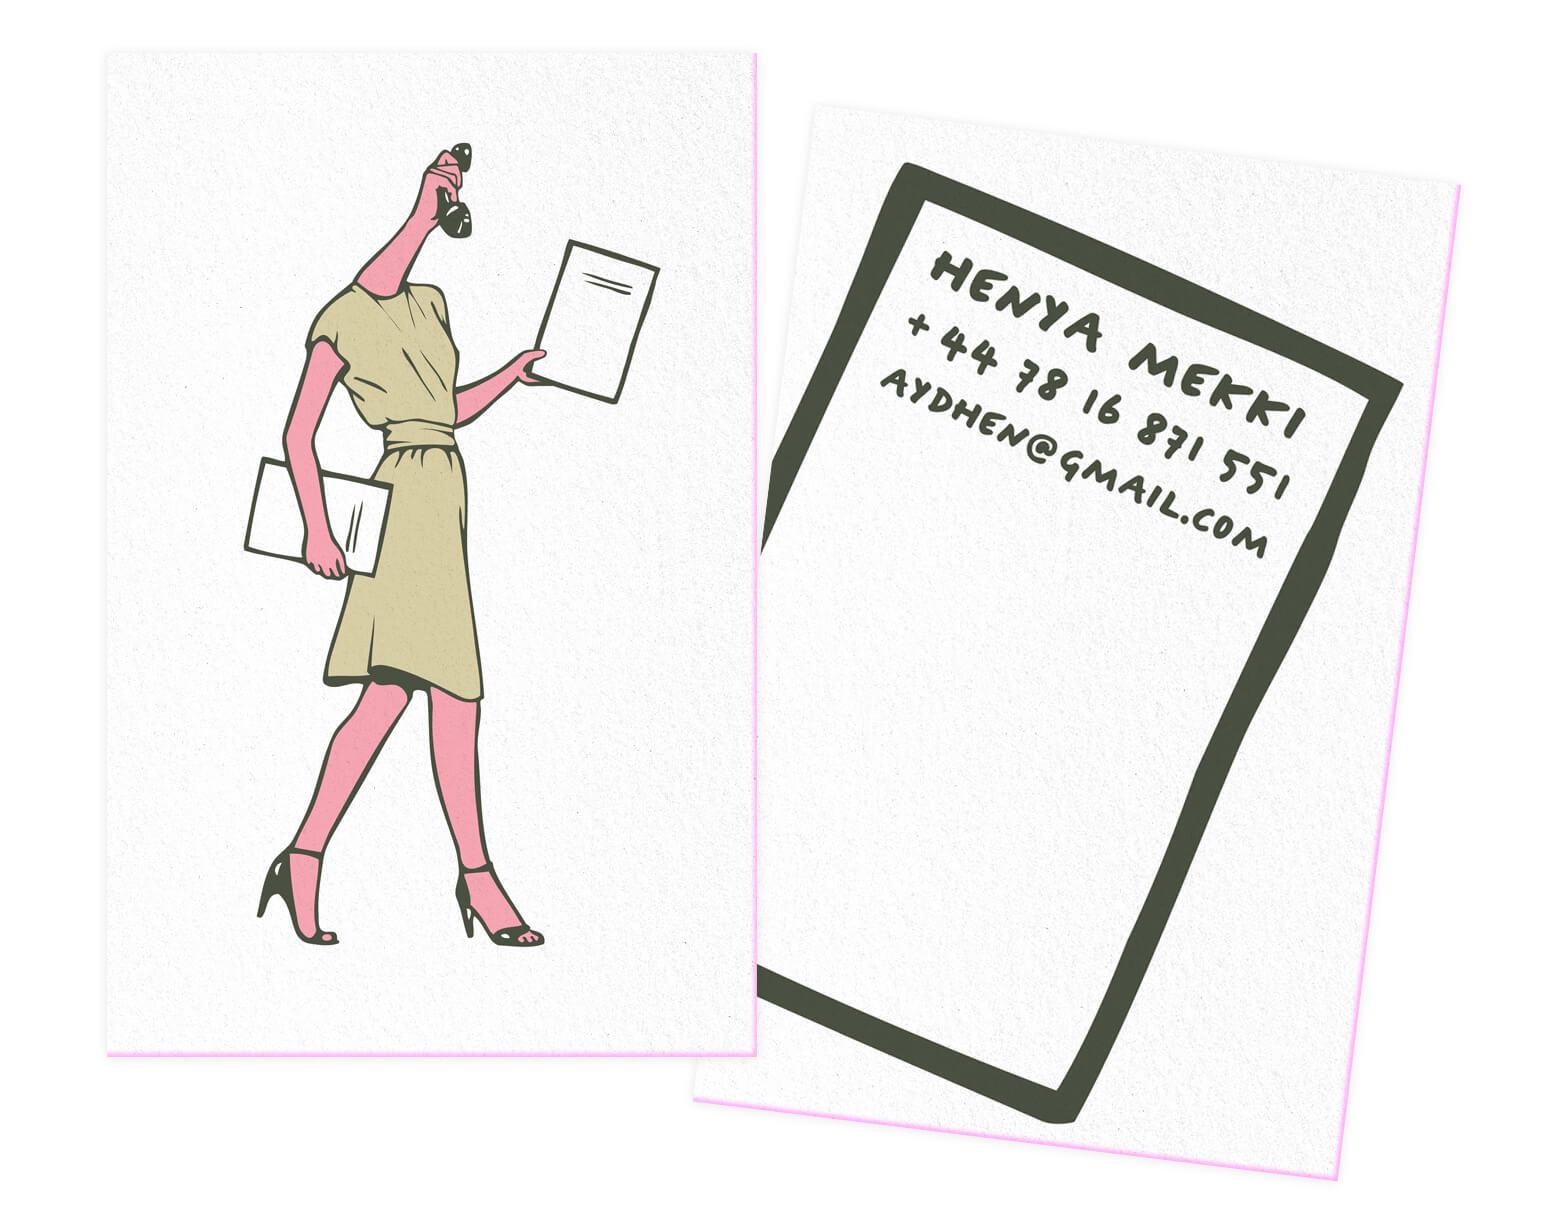 carte de visite Henya Mekki, wonder woman des temps moderne illustrée par les graphistes Ichetkar.